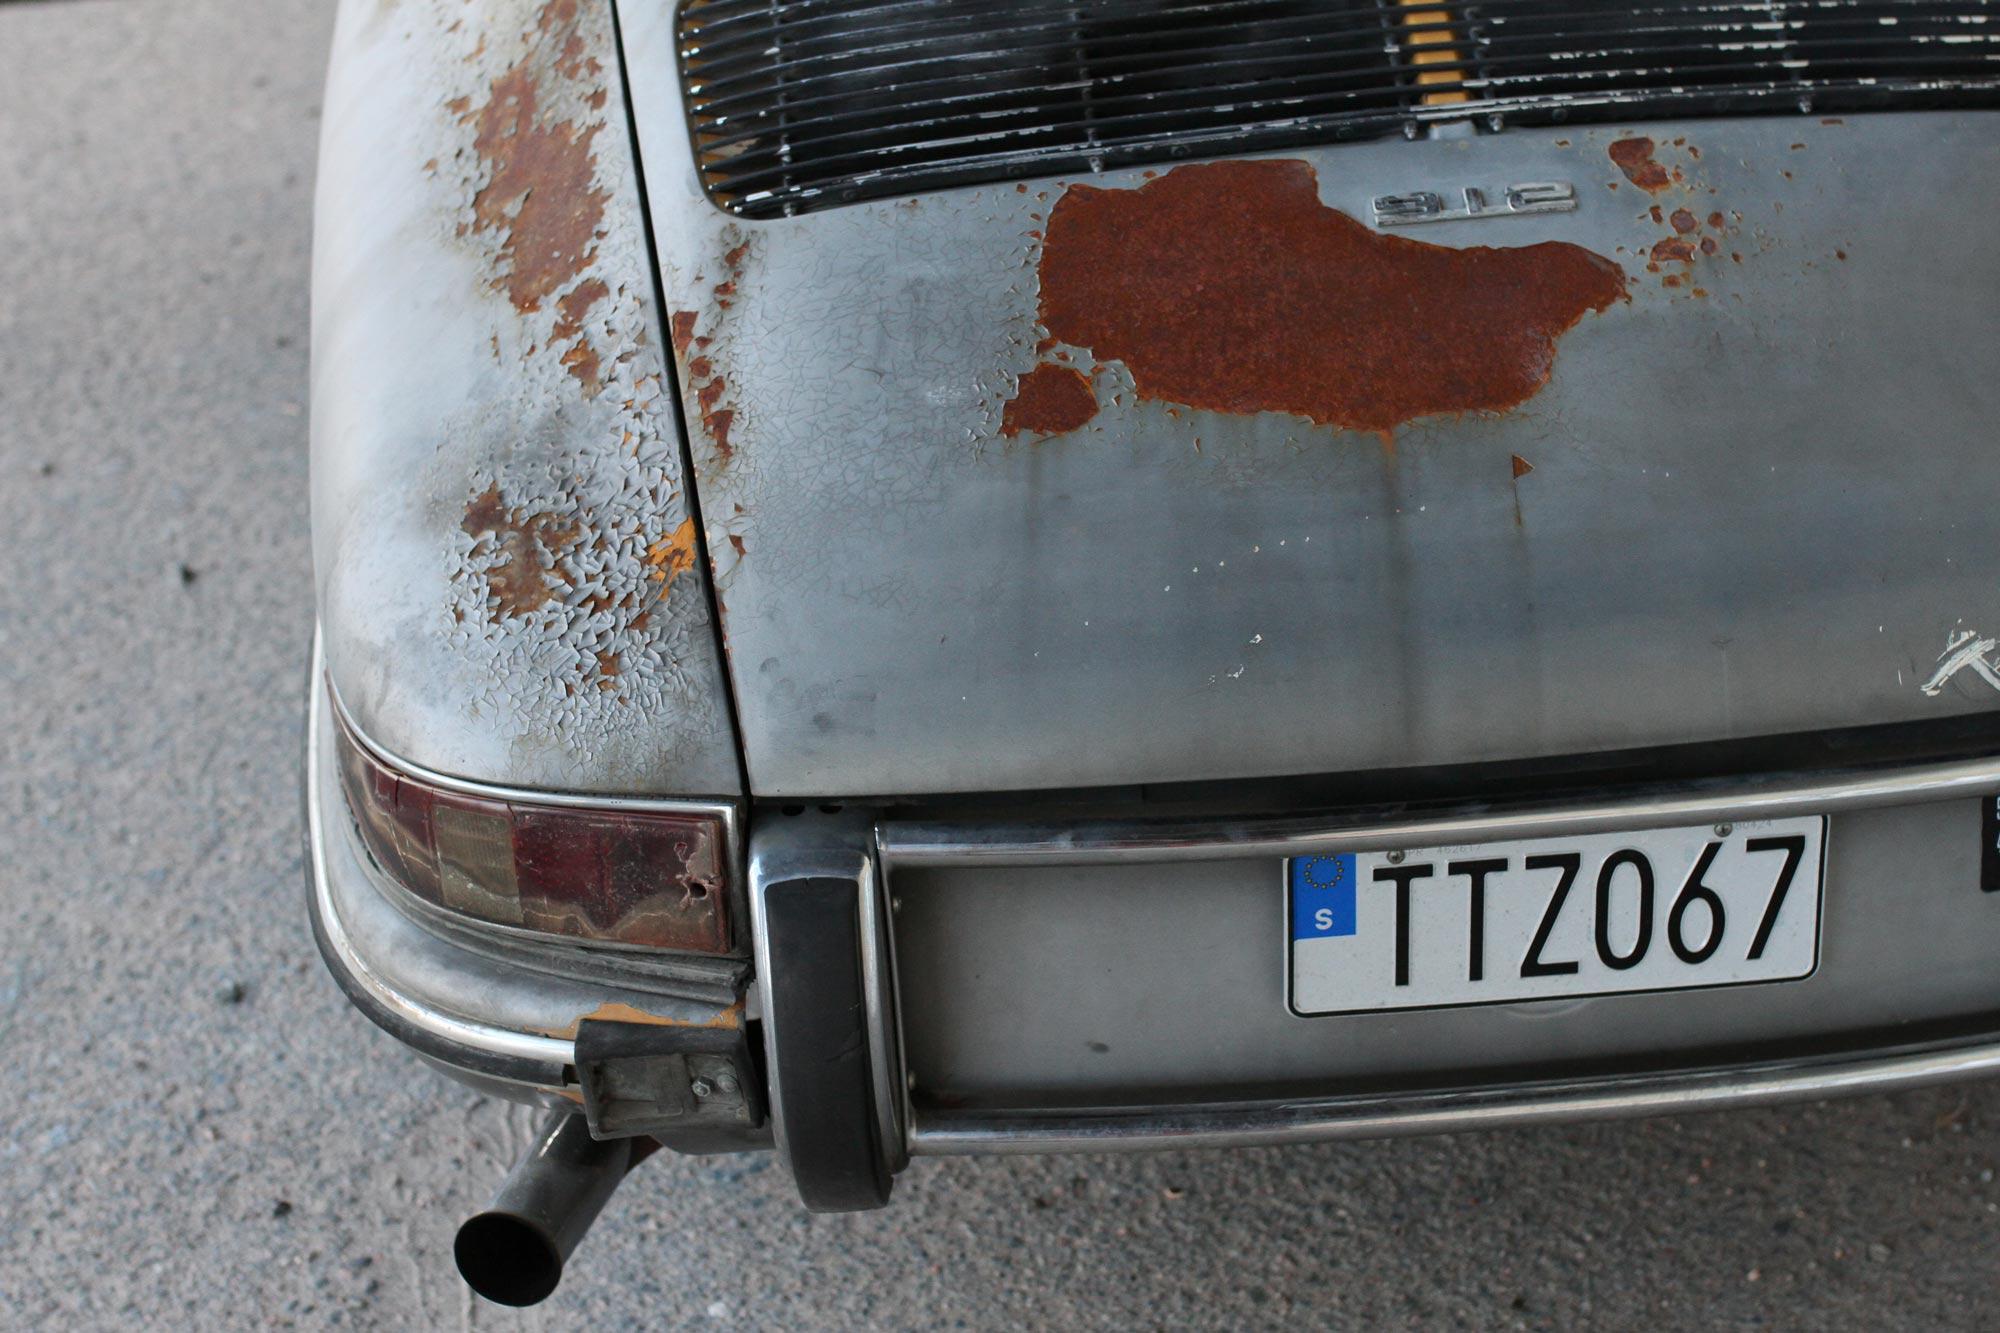 Vänster bak rostiga bakskärm med brandskadad Porsche 912